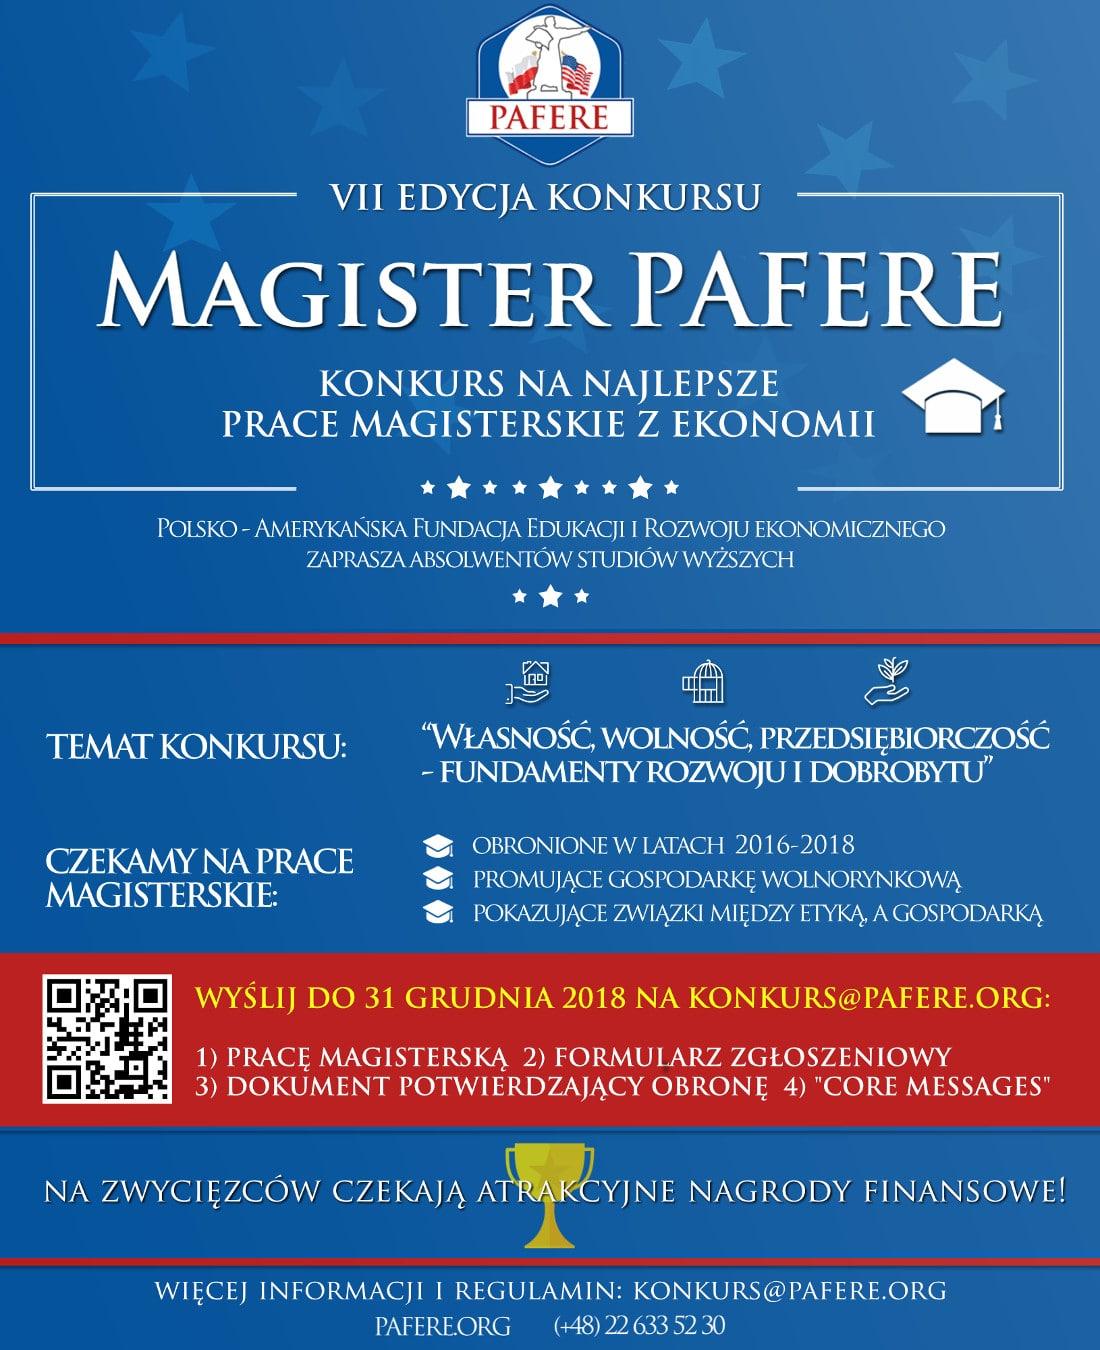 Poznaj szczegóły konkursu na najlepszą pracę magisterską!